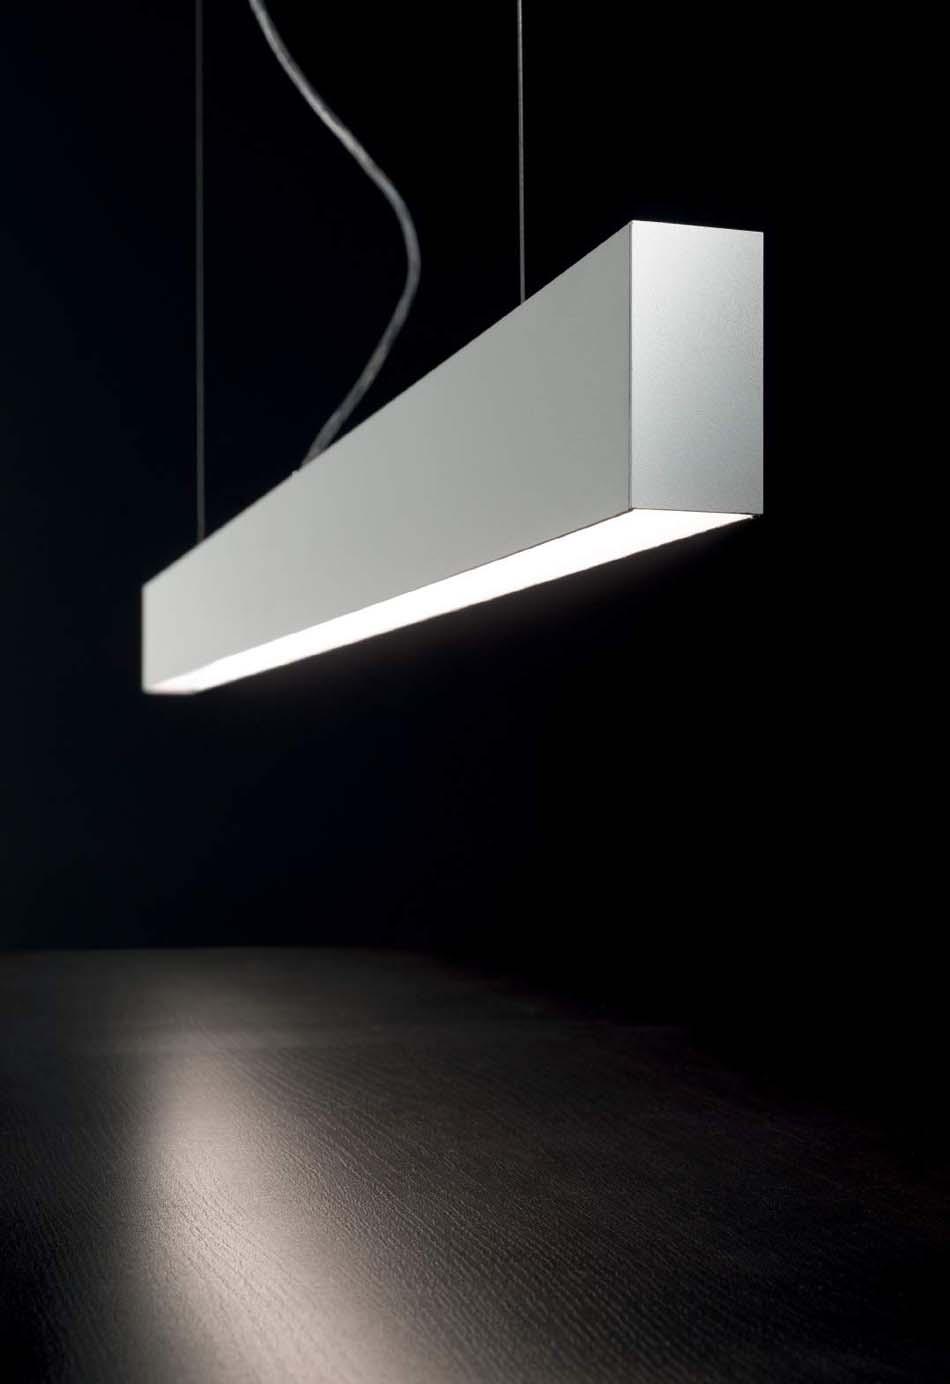 Lampade 63 sospensione Ideal Lux Club – Bruni Arredamenti